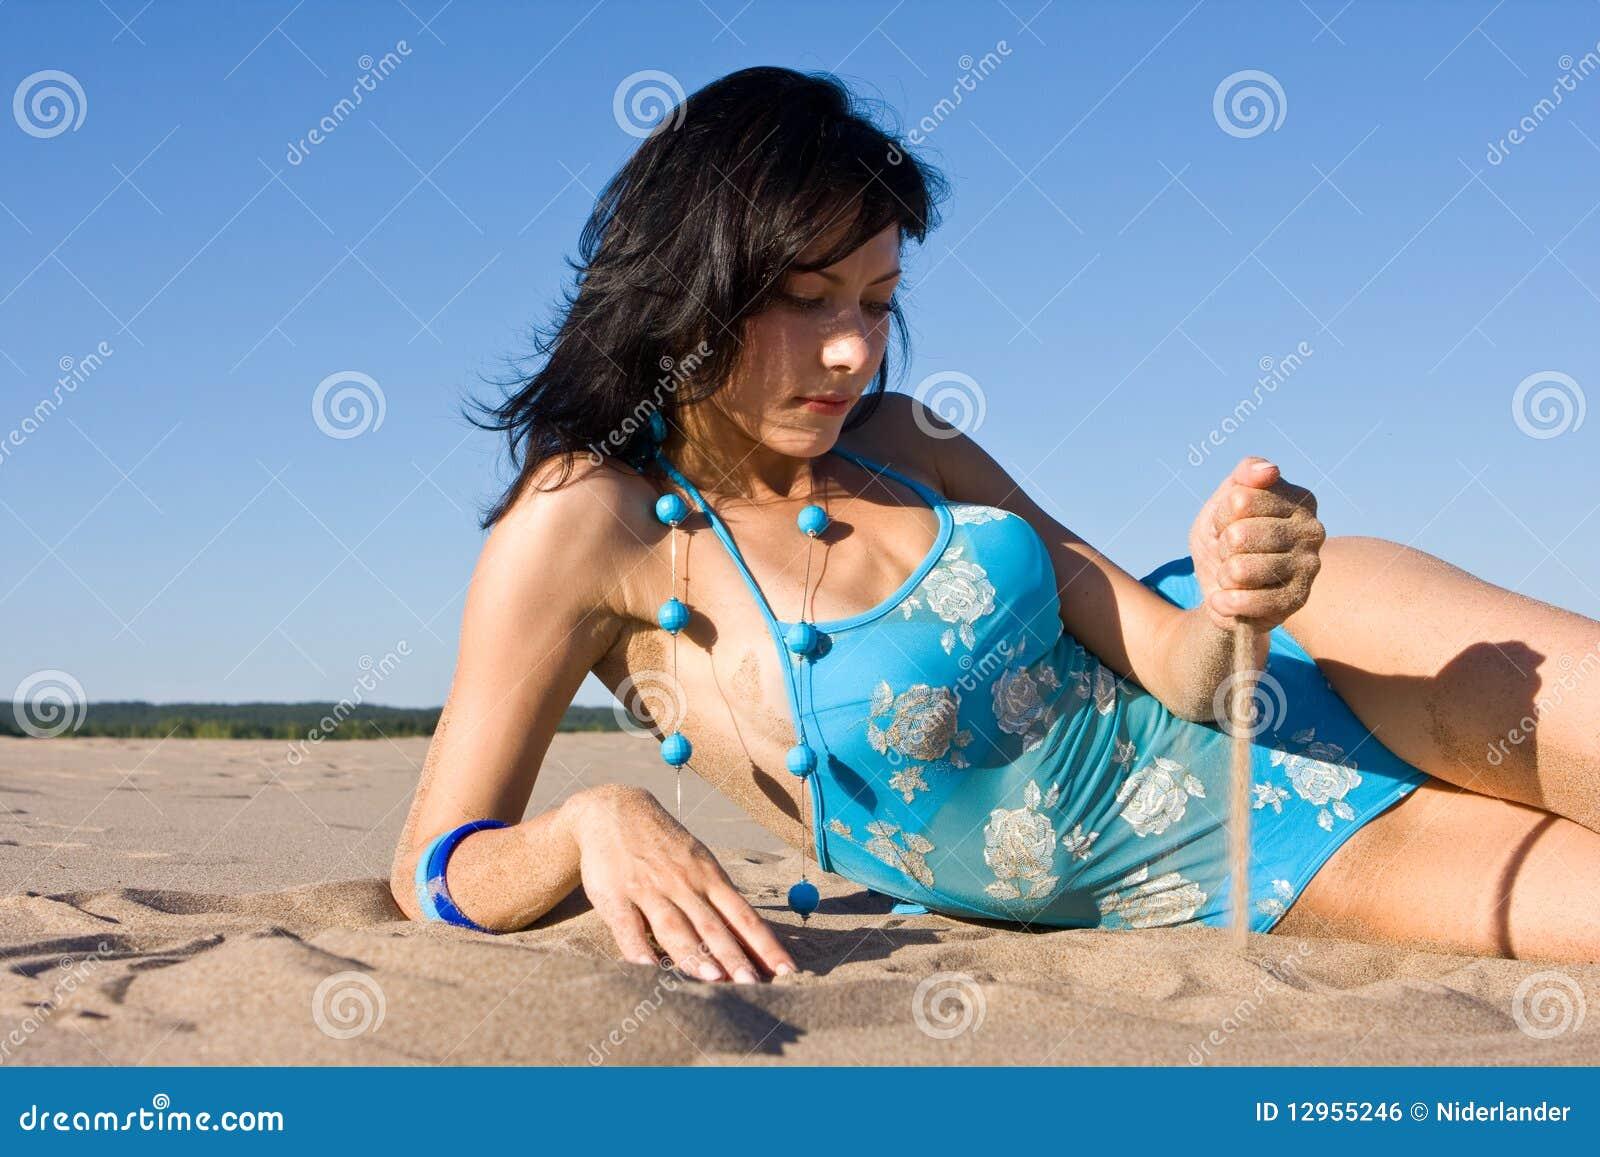 Het ontspannen op het strand